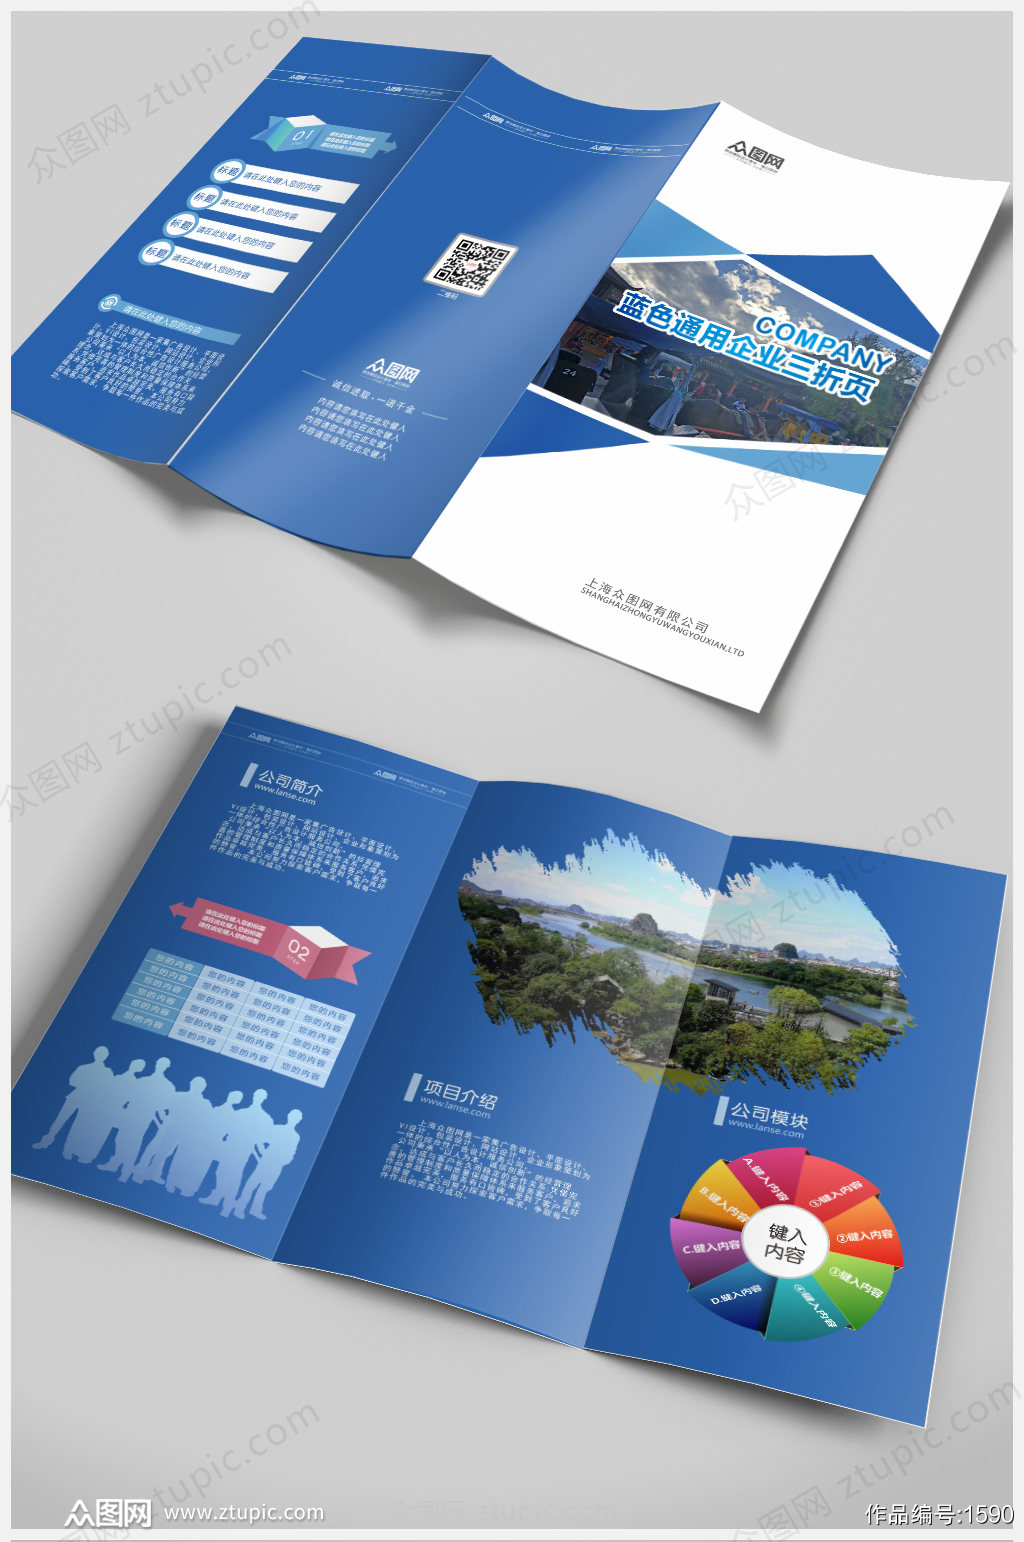 蓝色企业公司简介通用传单三折页素材